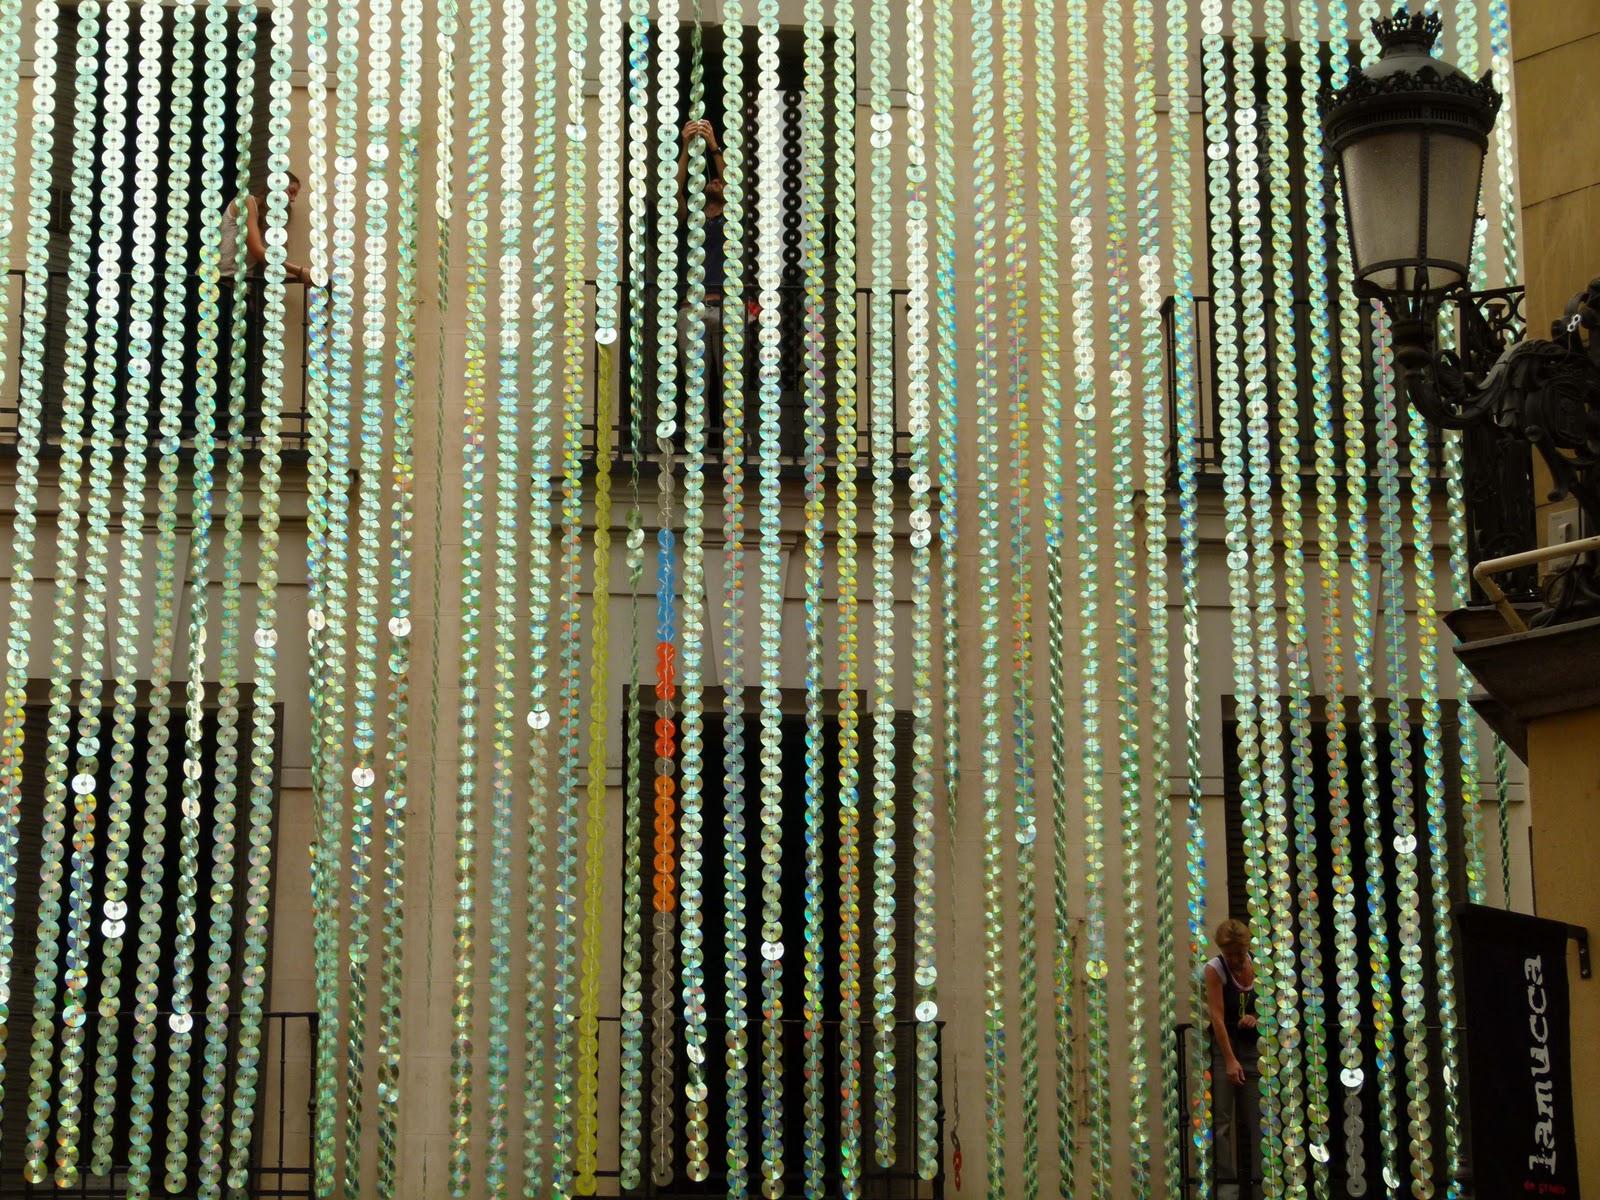 Gu a pr ctica ferreter a ortiz ferreter a ortiz colabora con iade en decor accion 2011 - Ferreteria ortiz interiorismo madrid ...